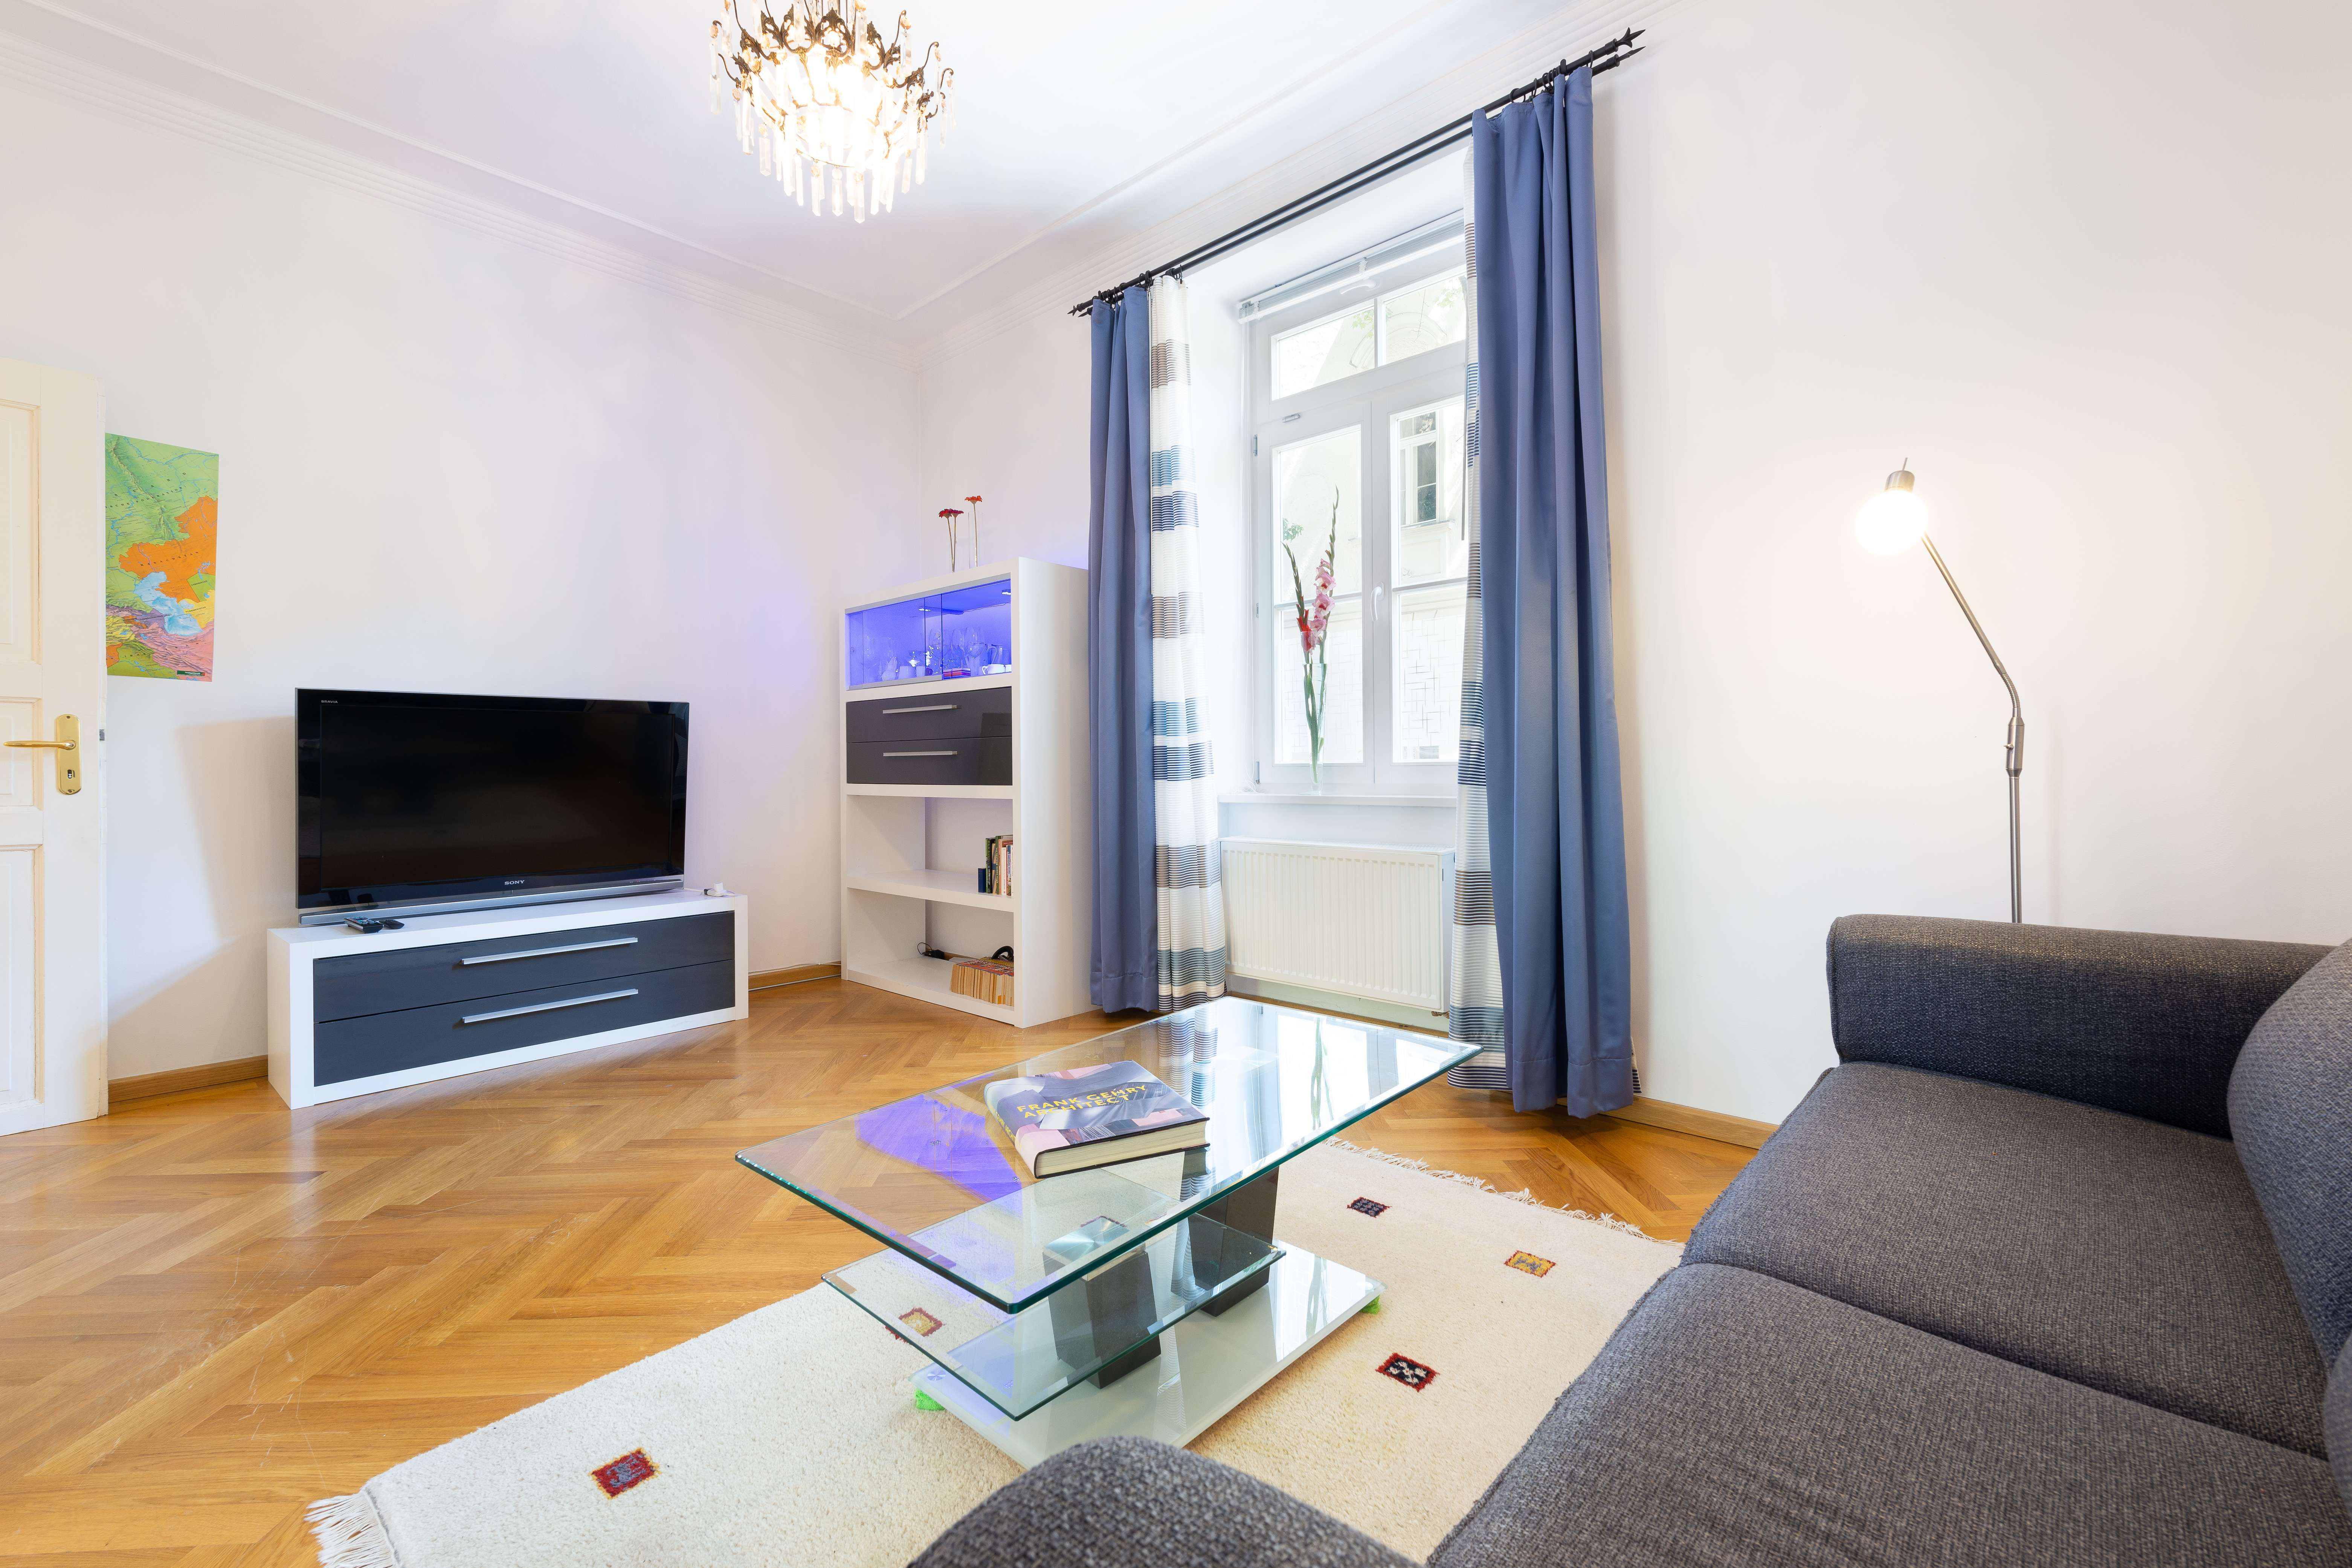 Neuwertige 2-Zimmer-Hochparterre-Wohnung voll möbliert, zentral aber ruhig in Haidhausen